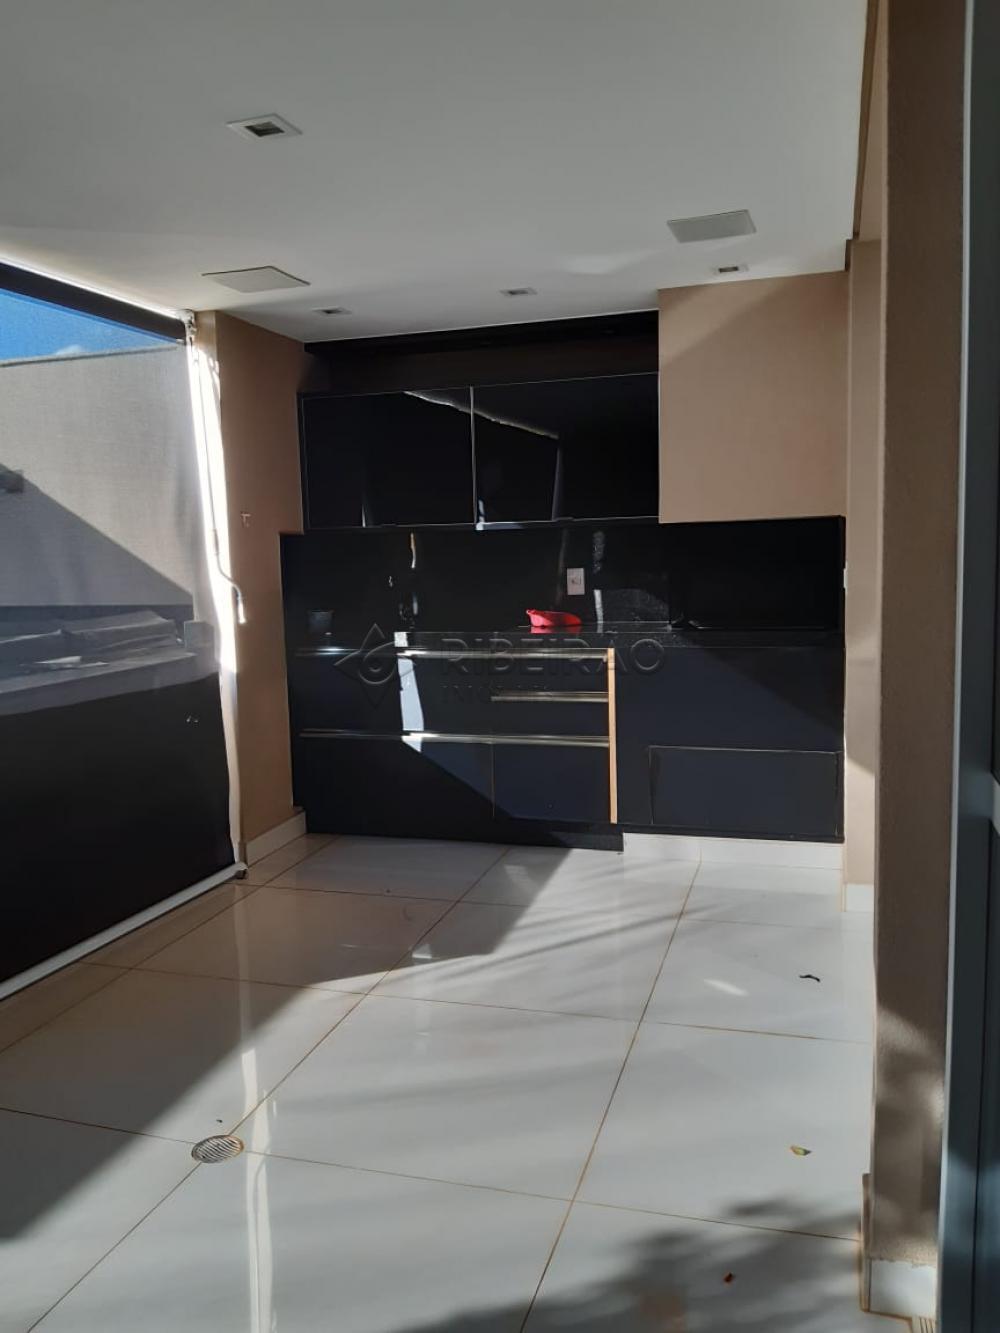 Comprar Apartamento / Cobertura em Ribeirão Preto R$ 1.900.000,00 - Foto 5